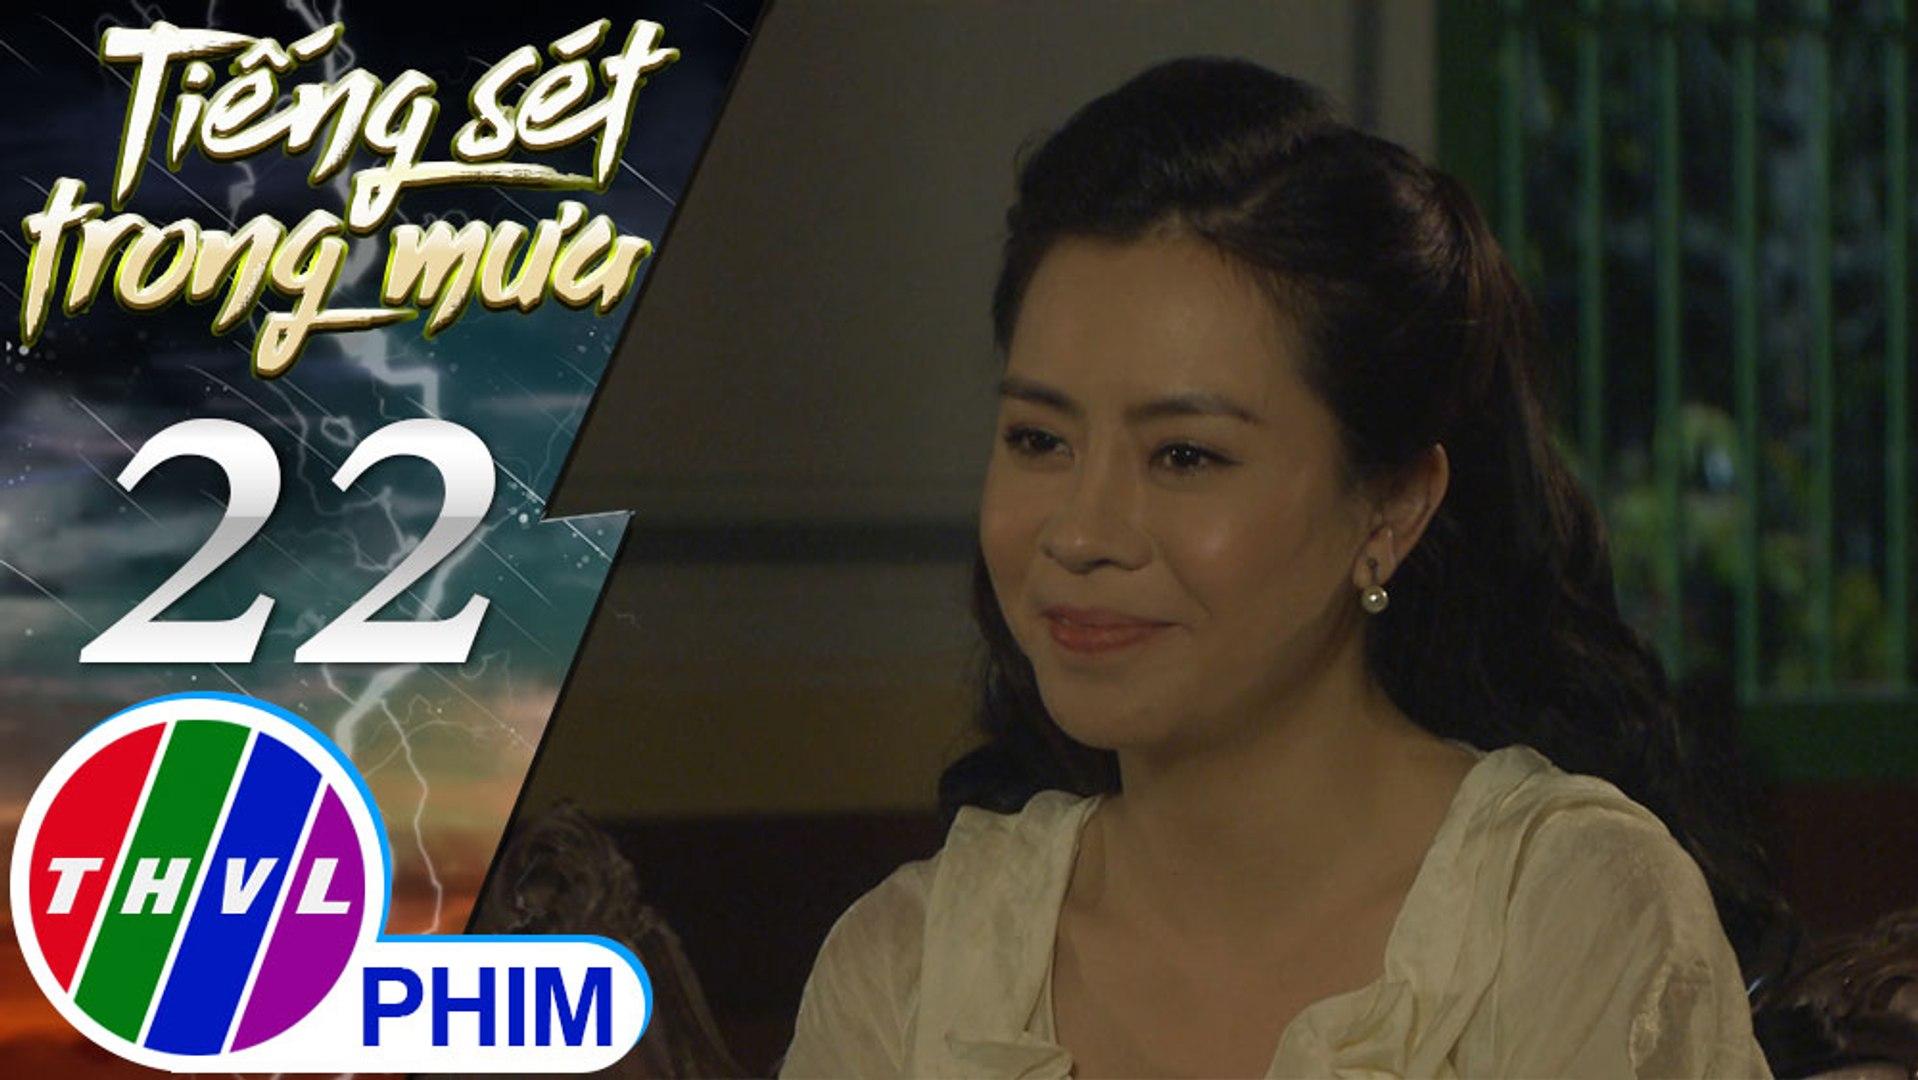 THVL | Tiếng sét trong mưa - Tập 22[2]: Thiên Kim cho rằng chắc chắn Khải Duy sẽ qua cưới mình gấp